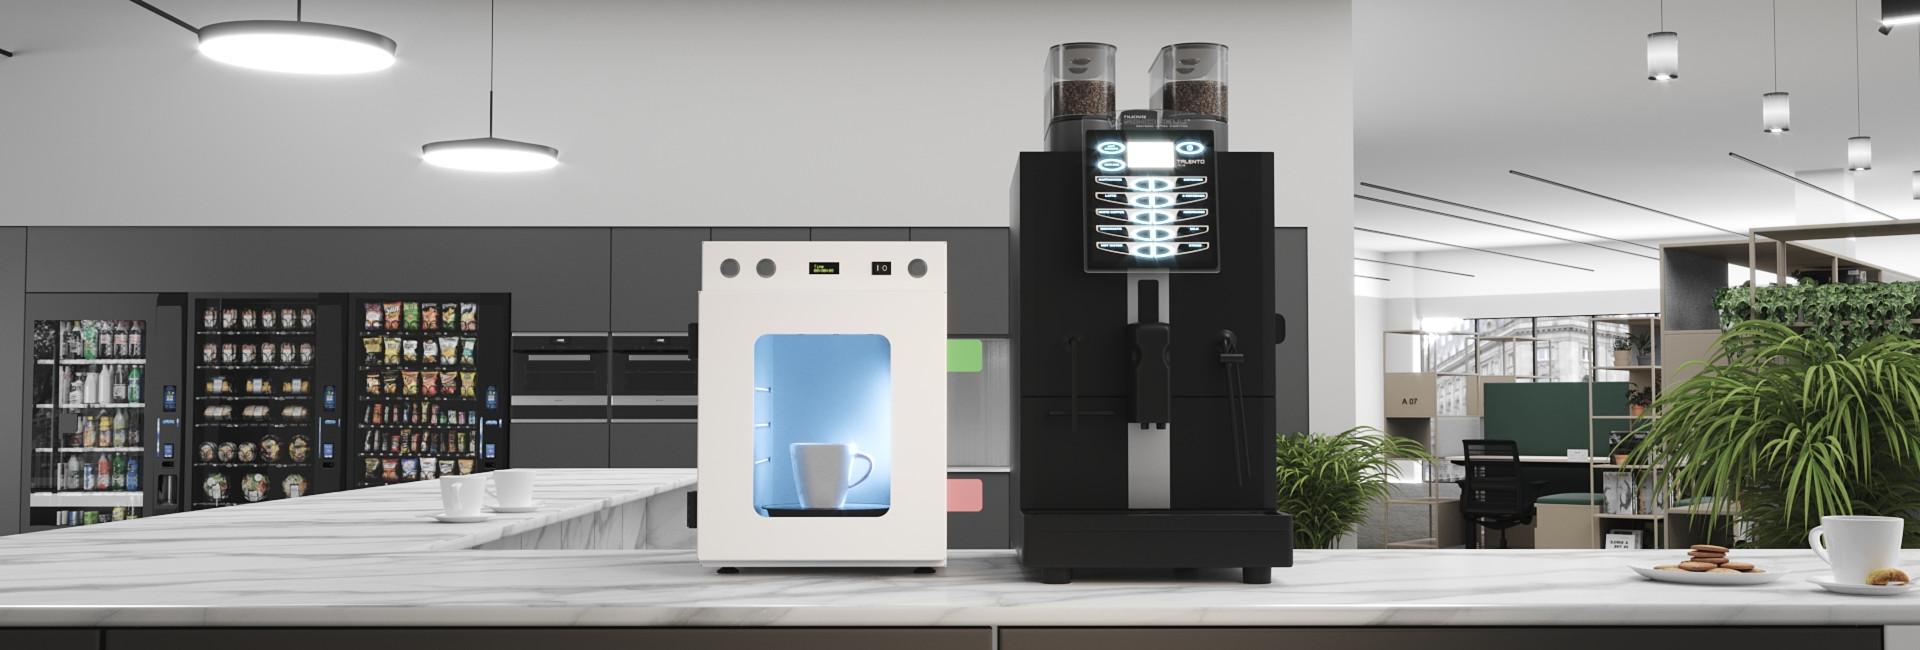 UV-C desinfectie van cleaning cups